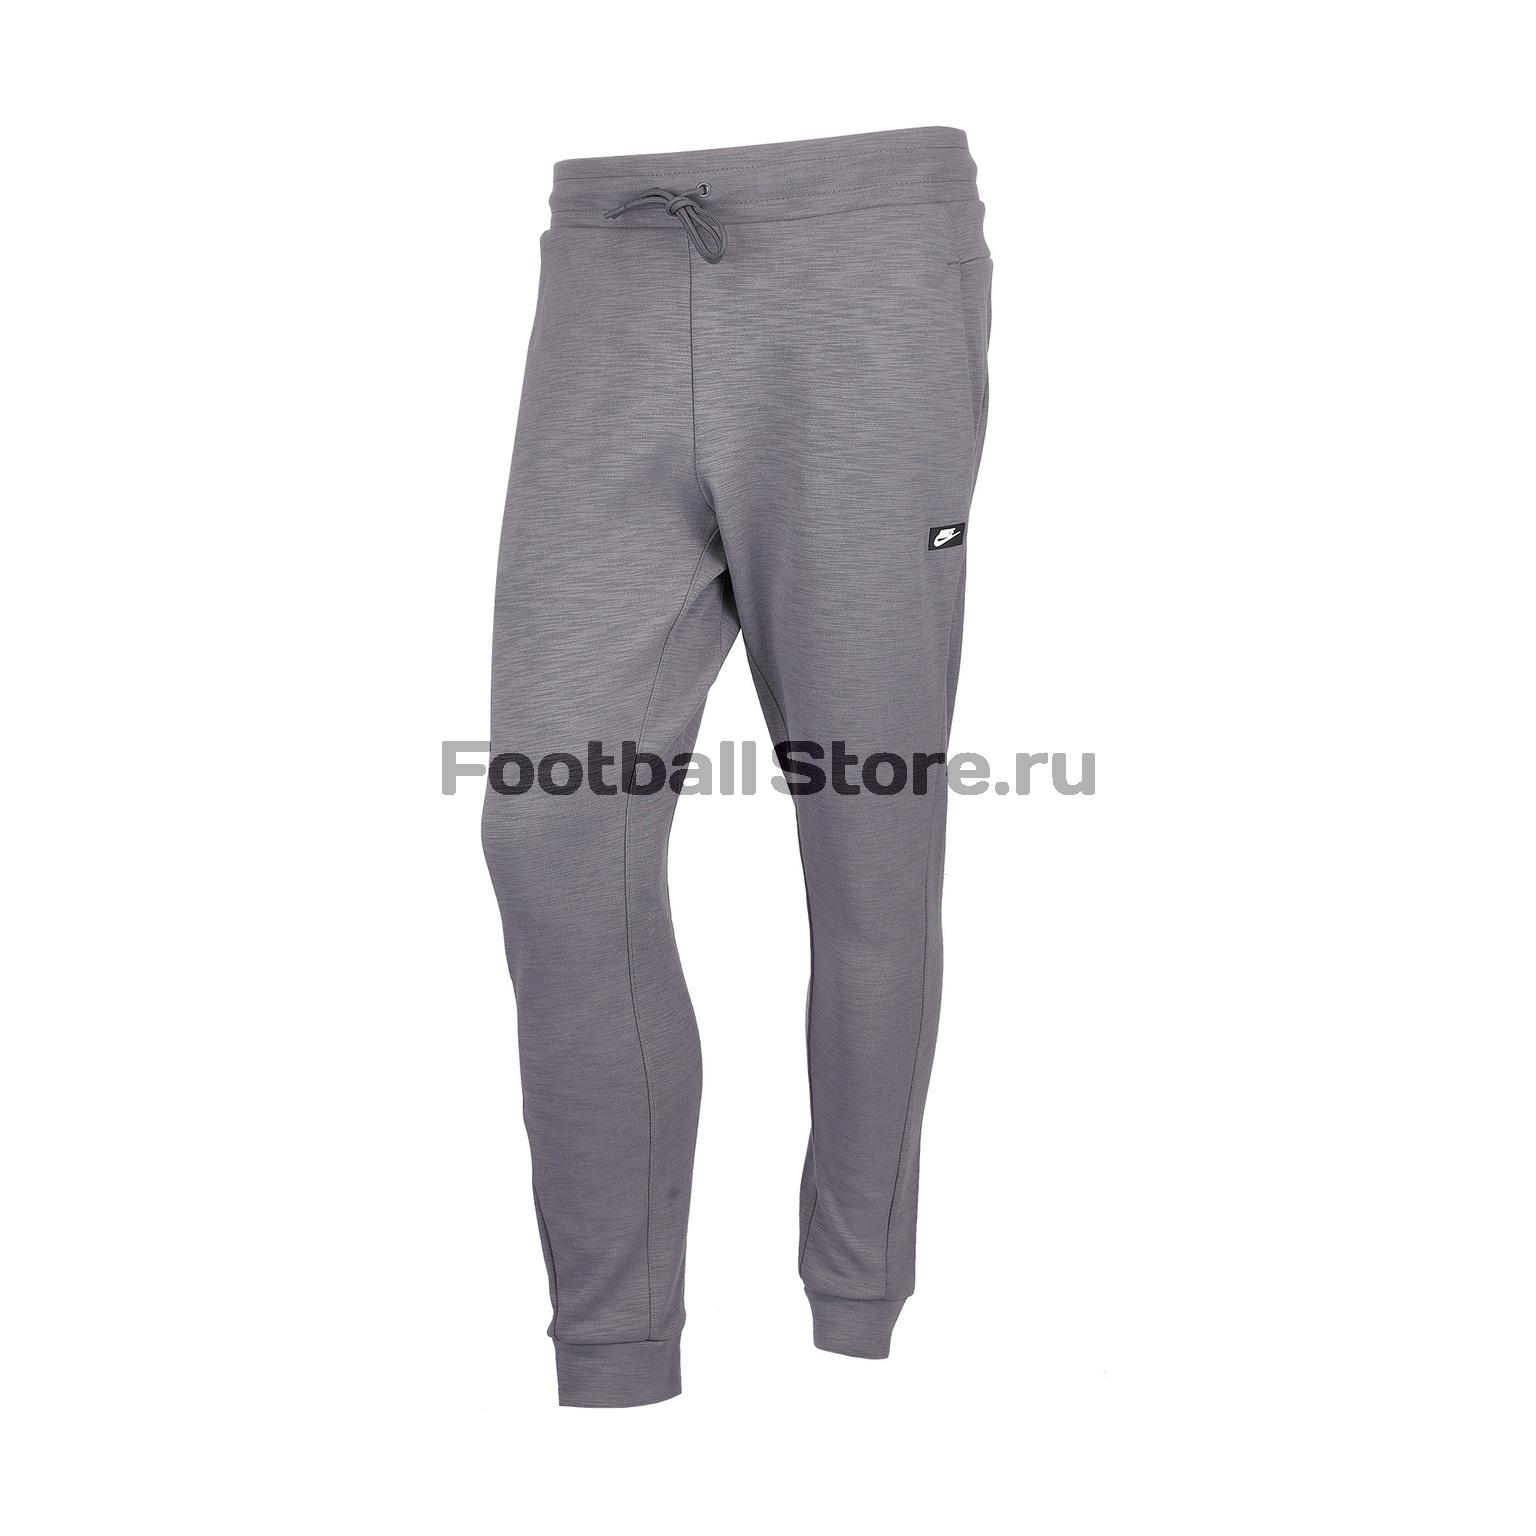 Брюки тренировочные Nike Dry Optic 928493-021 брюки тренировочные nike dry academy 839363 019